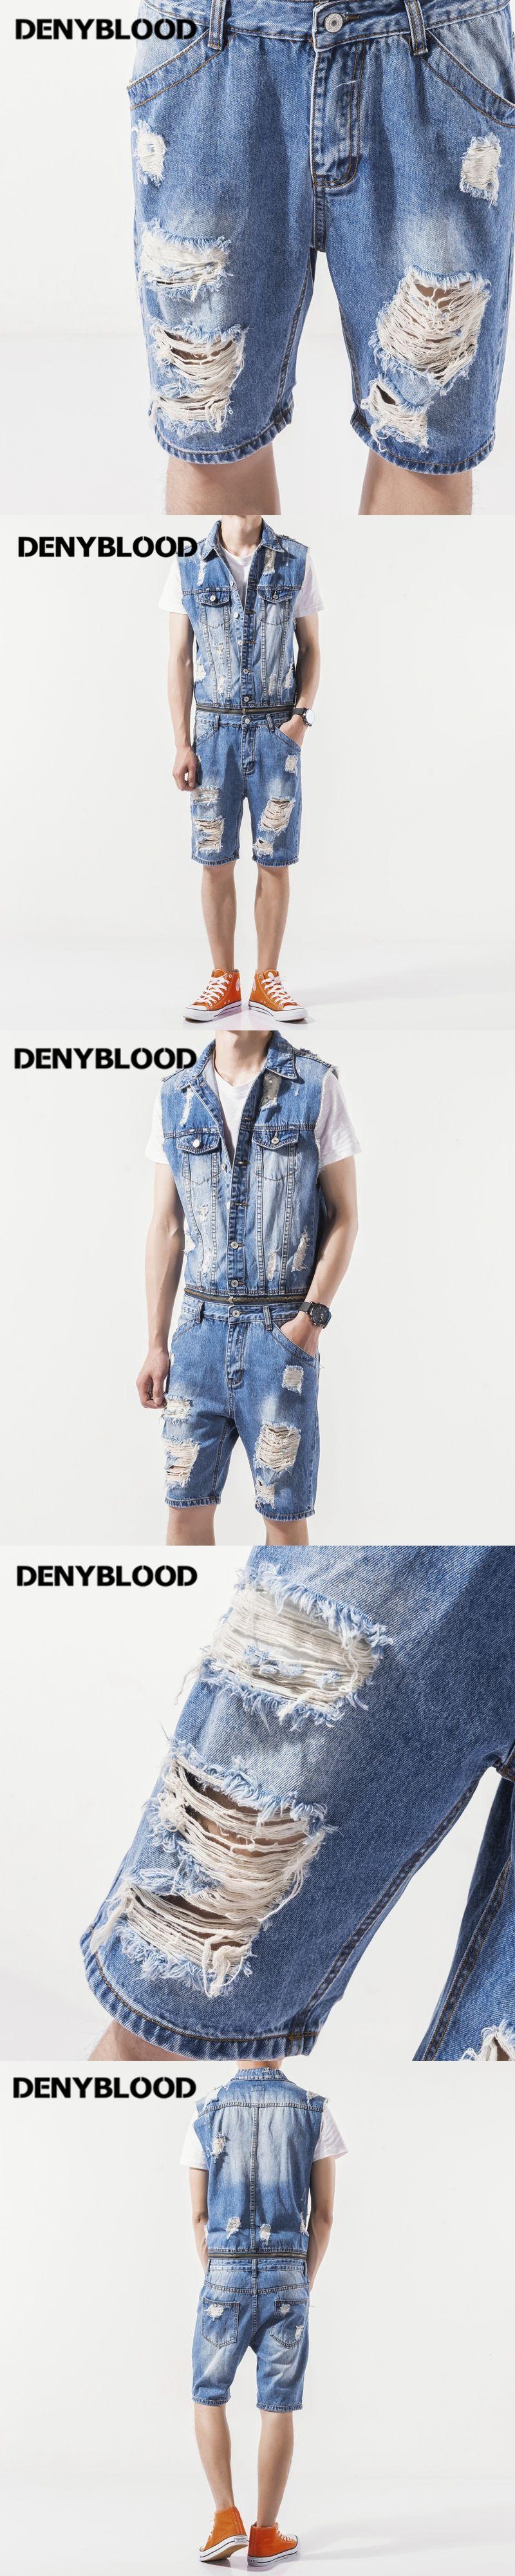 742f69139189 Denyblood Jeans Mens Denim Overalls Distressed Jeans Ripped Hole Destroyed  Bib Shorts Jumpsuit for Men Short